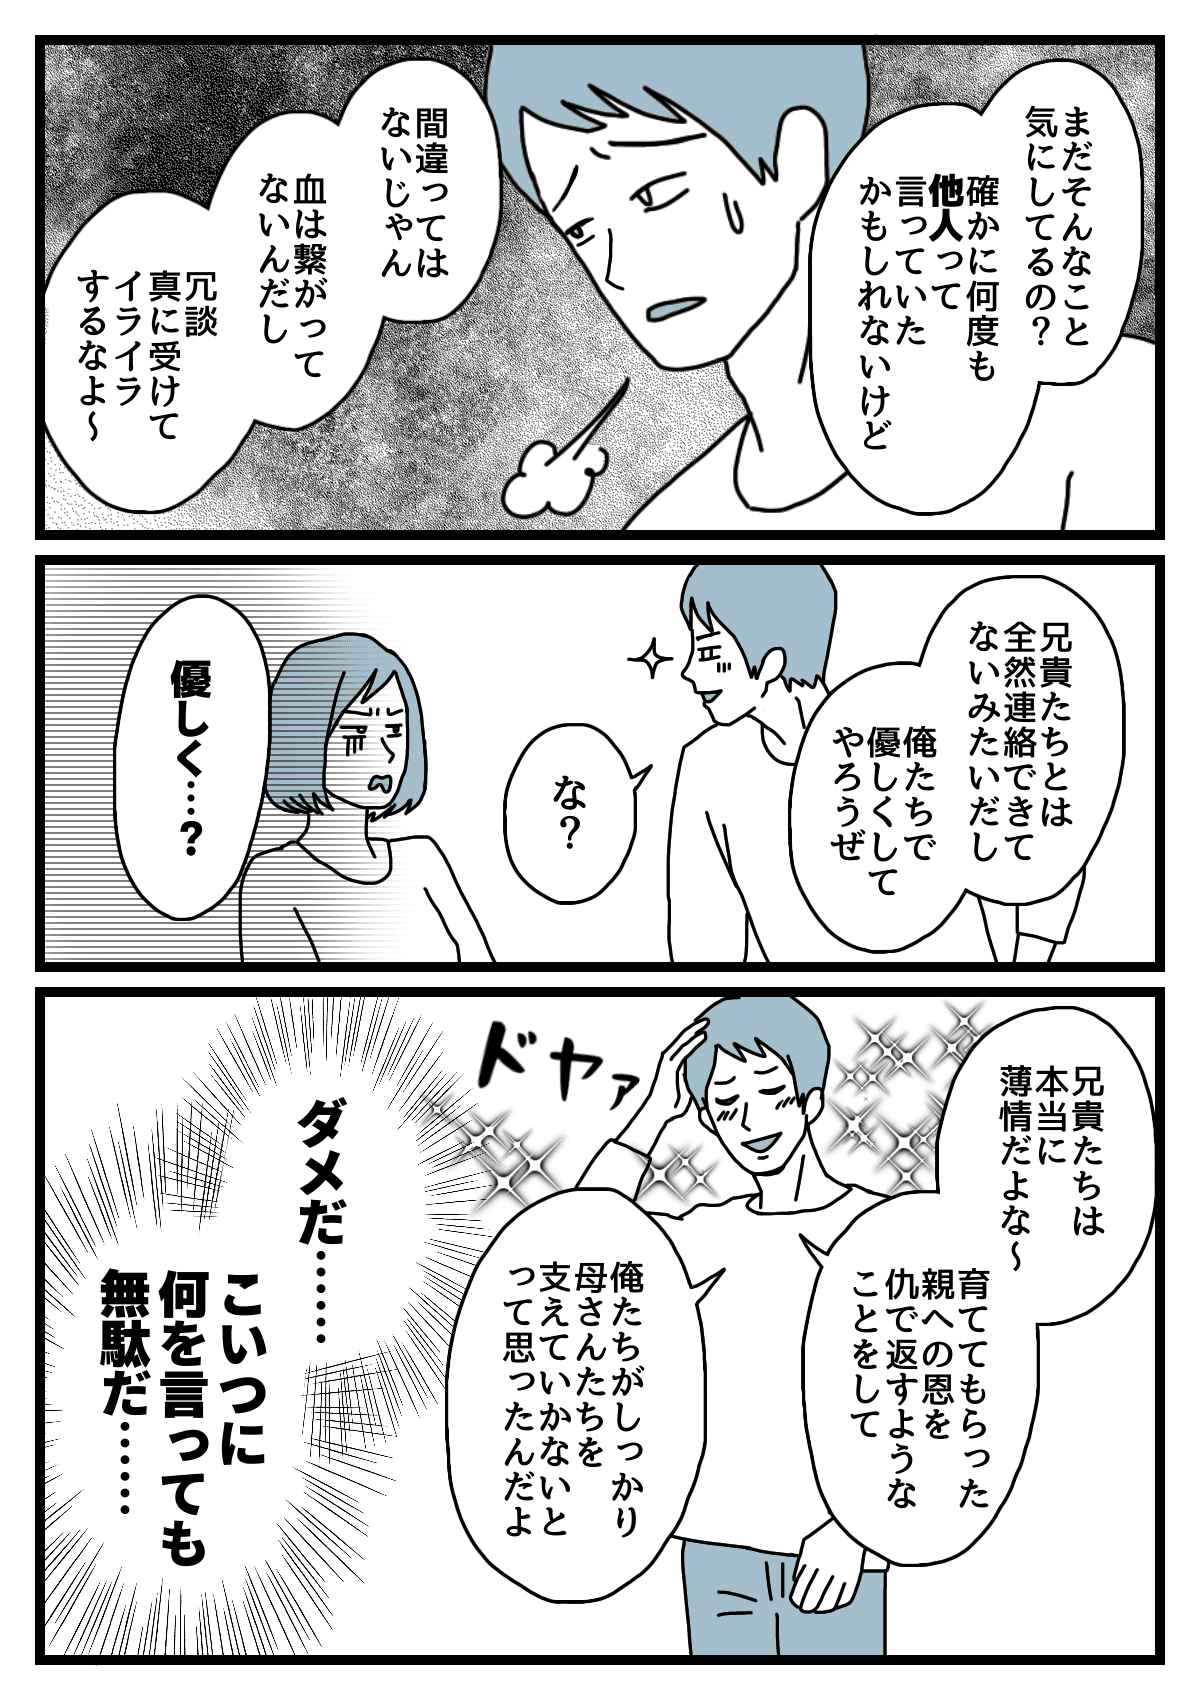 【中編】嫌がらせ3